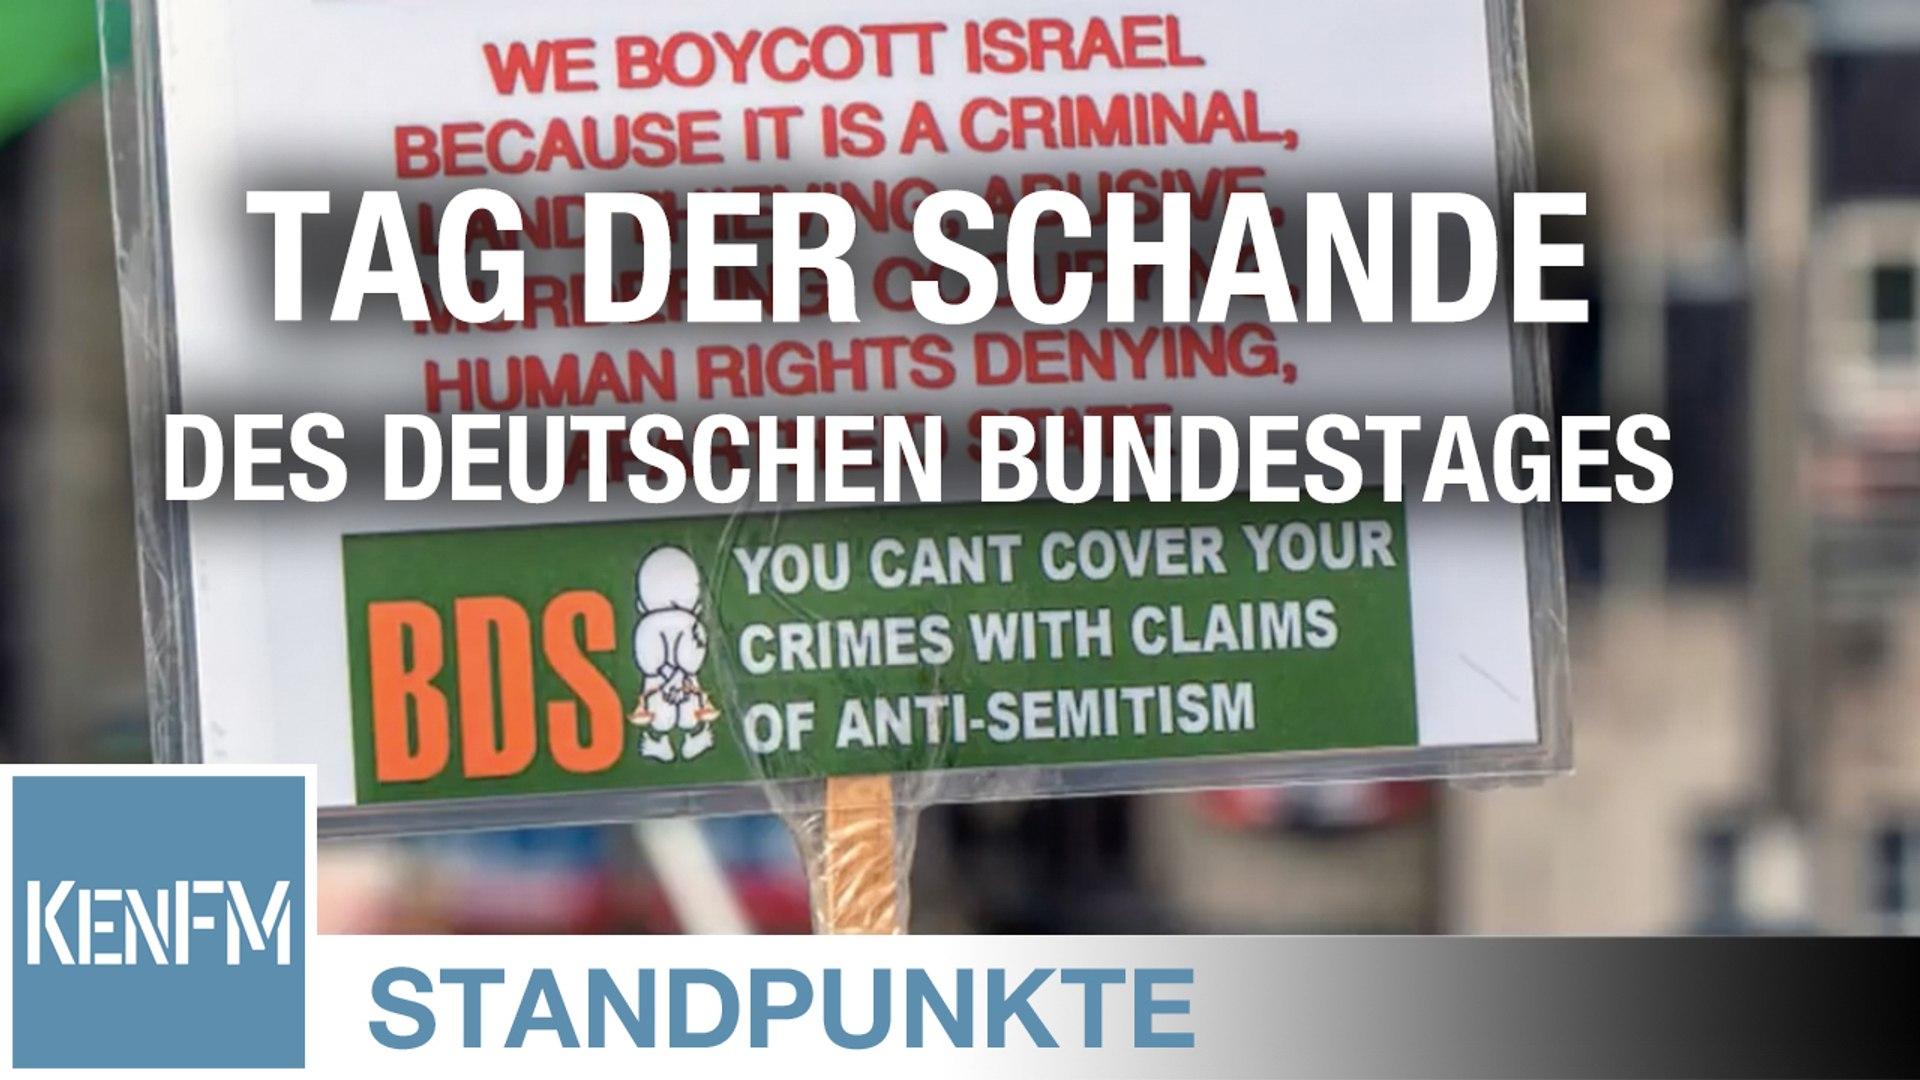 STANDPUNKTE • Der 17. Mai, Tag der Schande des deutschen Bundestages